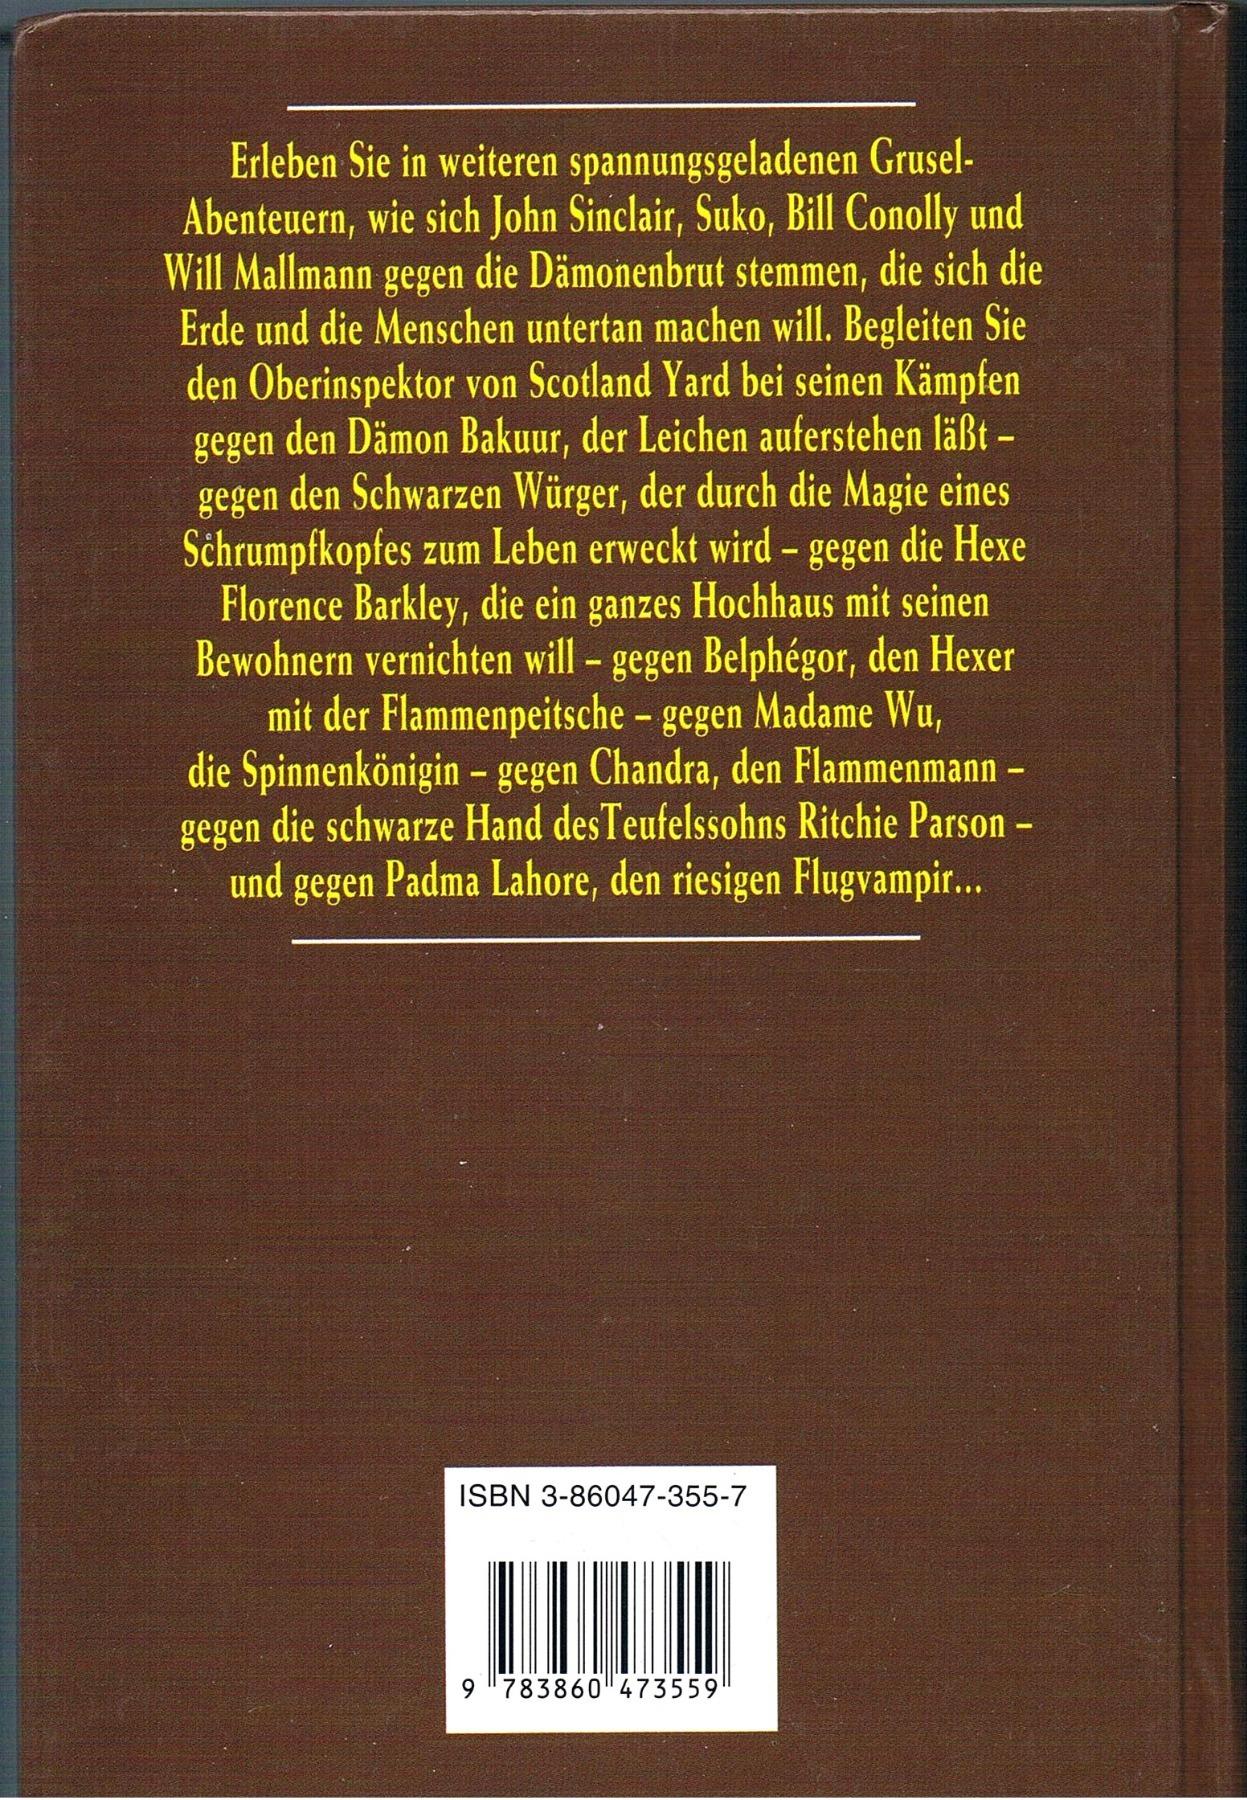 Dämonenbrut - Band 3 - Buch